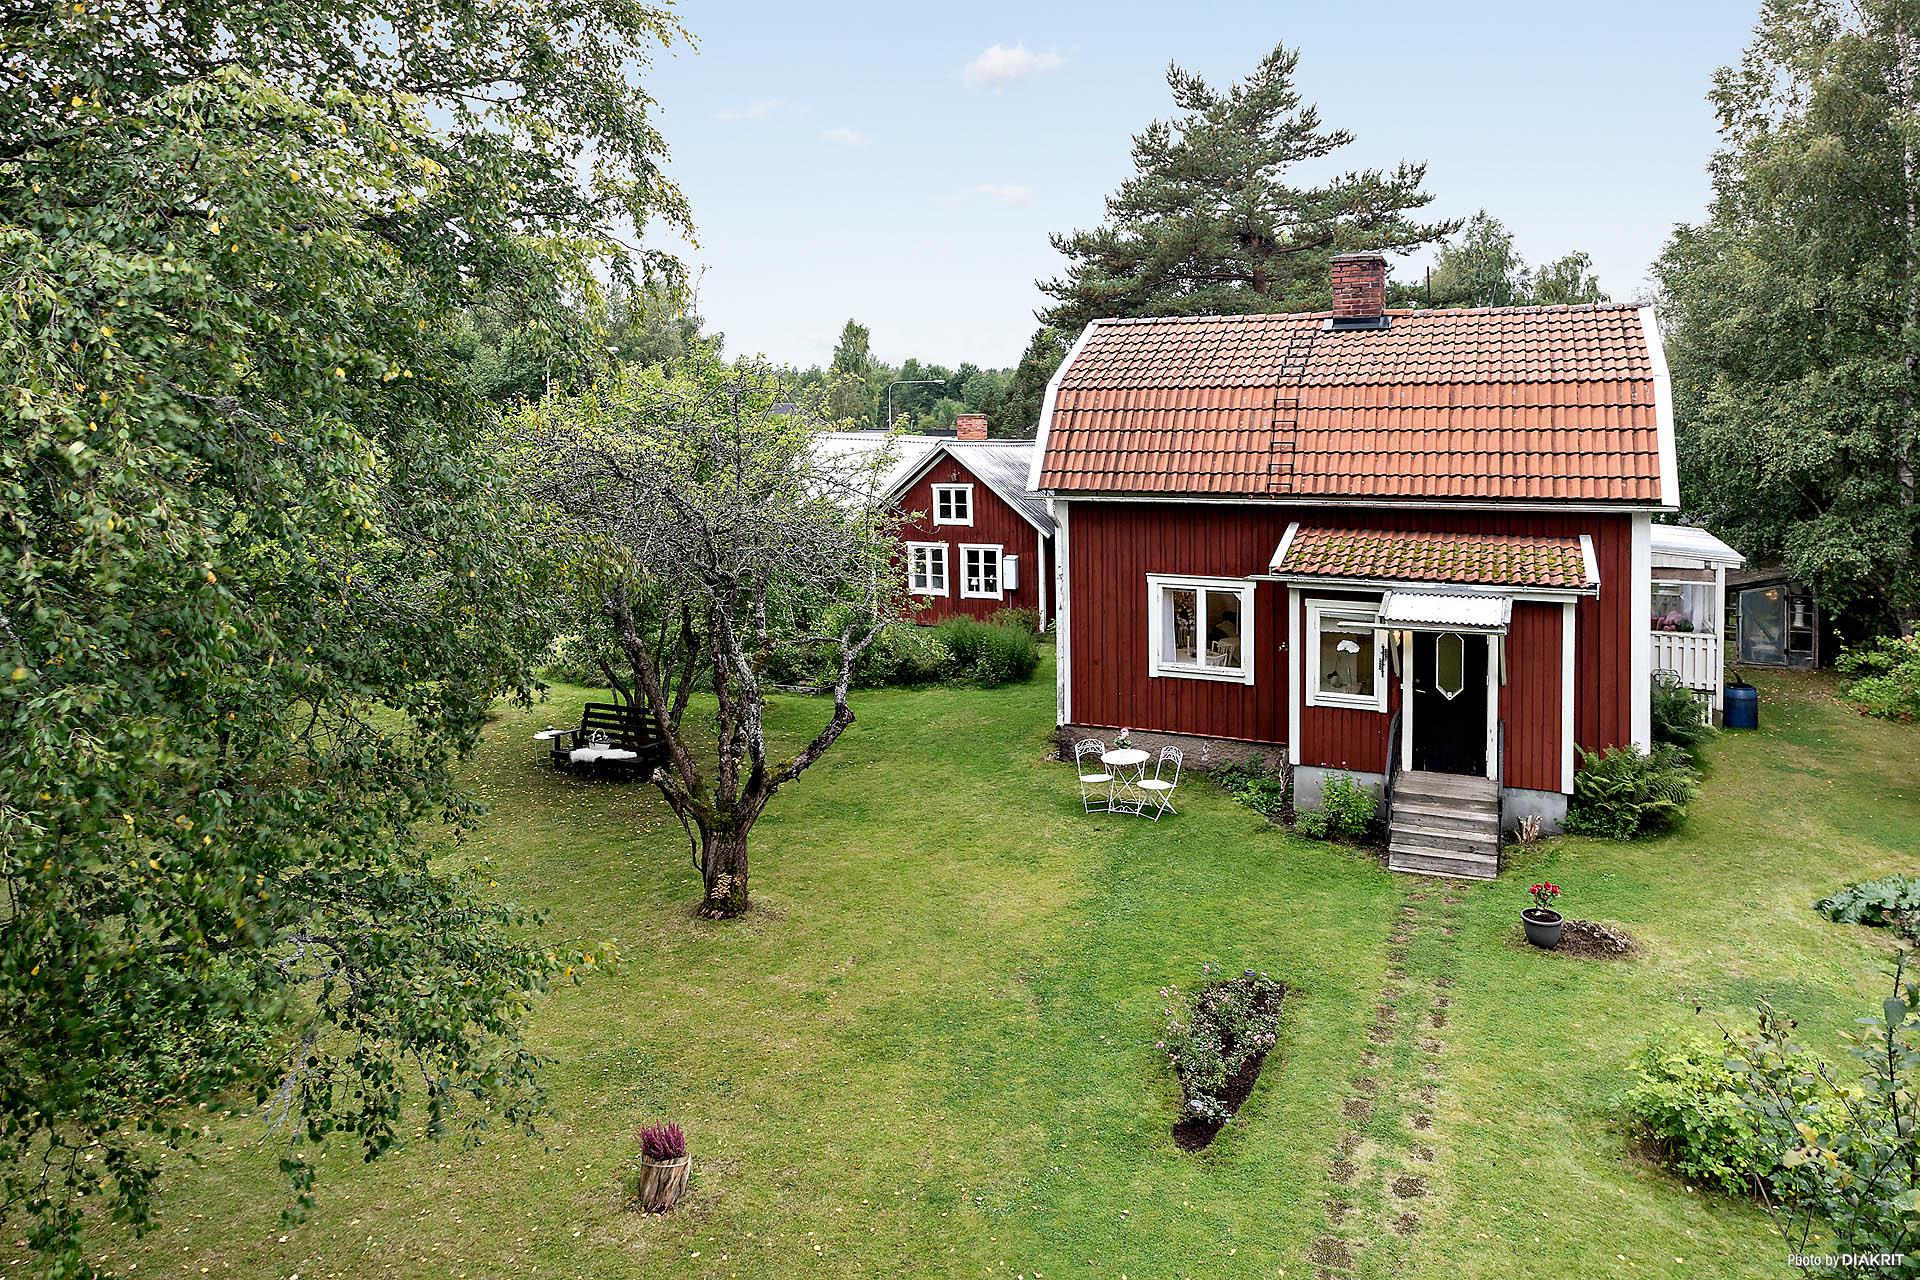 Välkommen till Solberga! Charmig fastighet medprunkande grönska som omgärdar gäststuganoch boningshuset